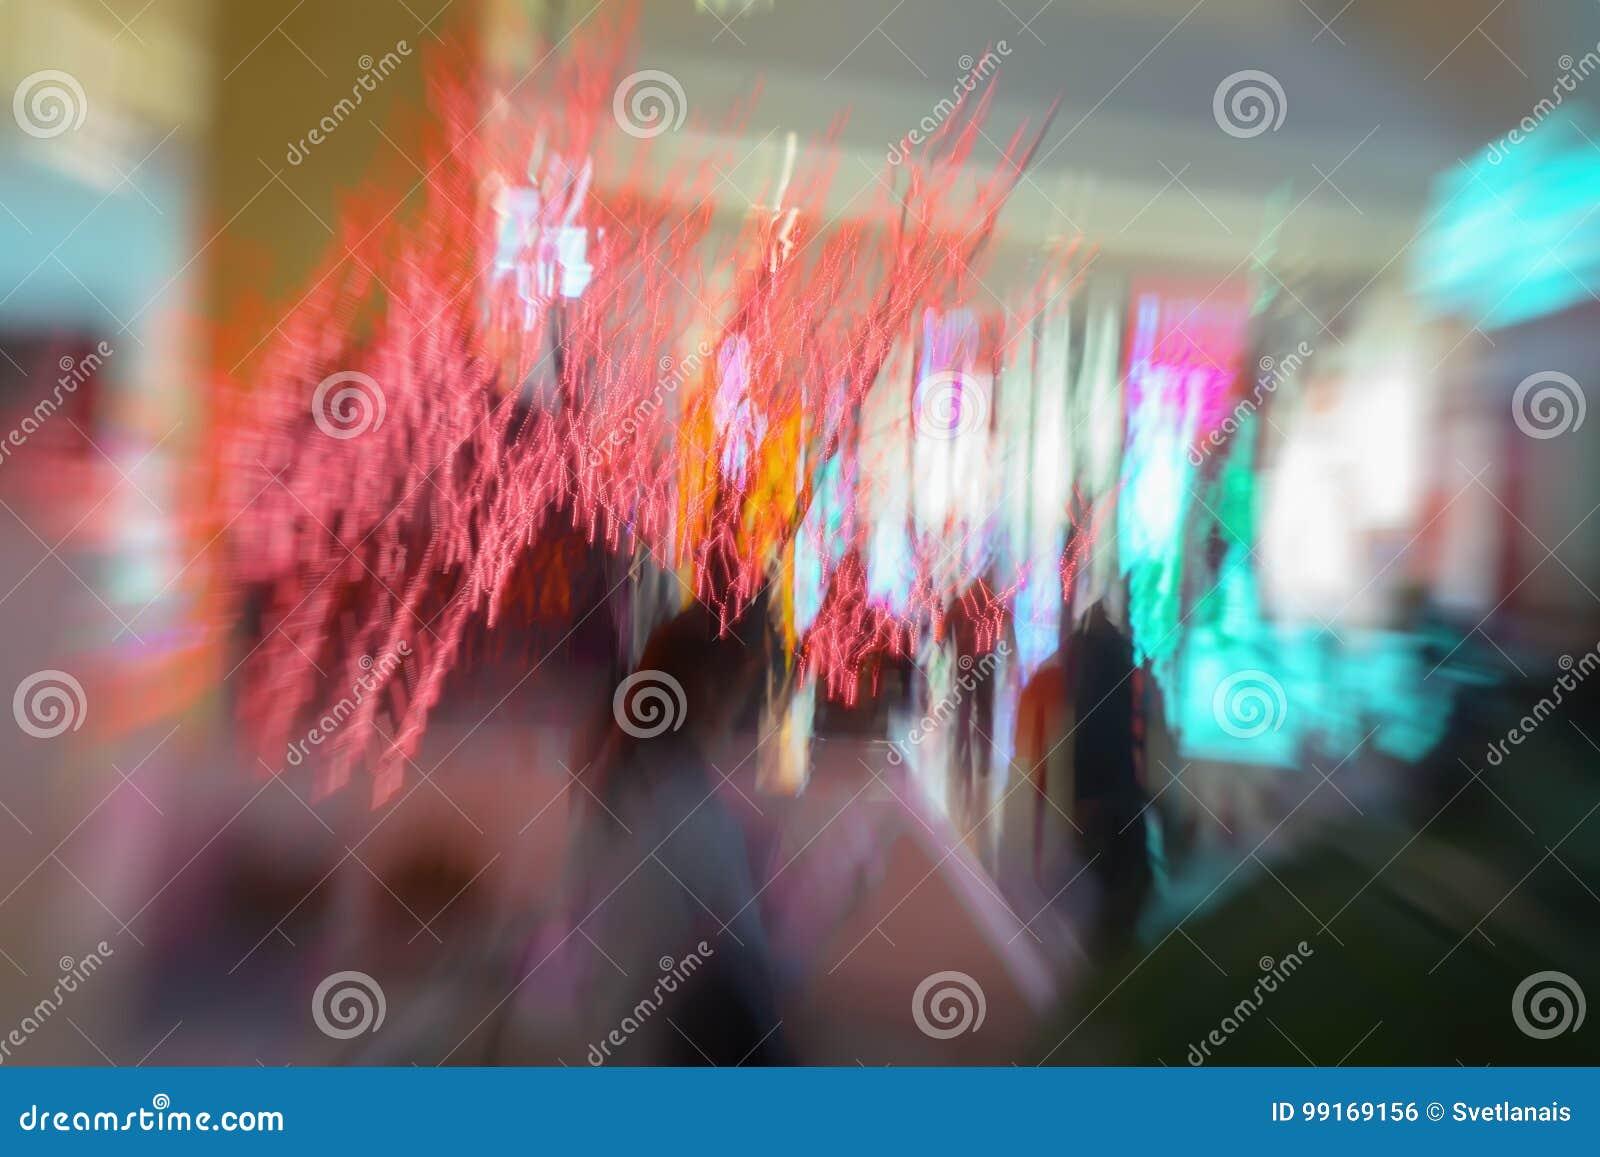 Rote Girlande, Weihnachten verziert, im Einkaufszentrum, Weihnachten, Funkeln beleuchtet Abstrakte defocused Bewegung geverwischt